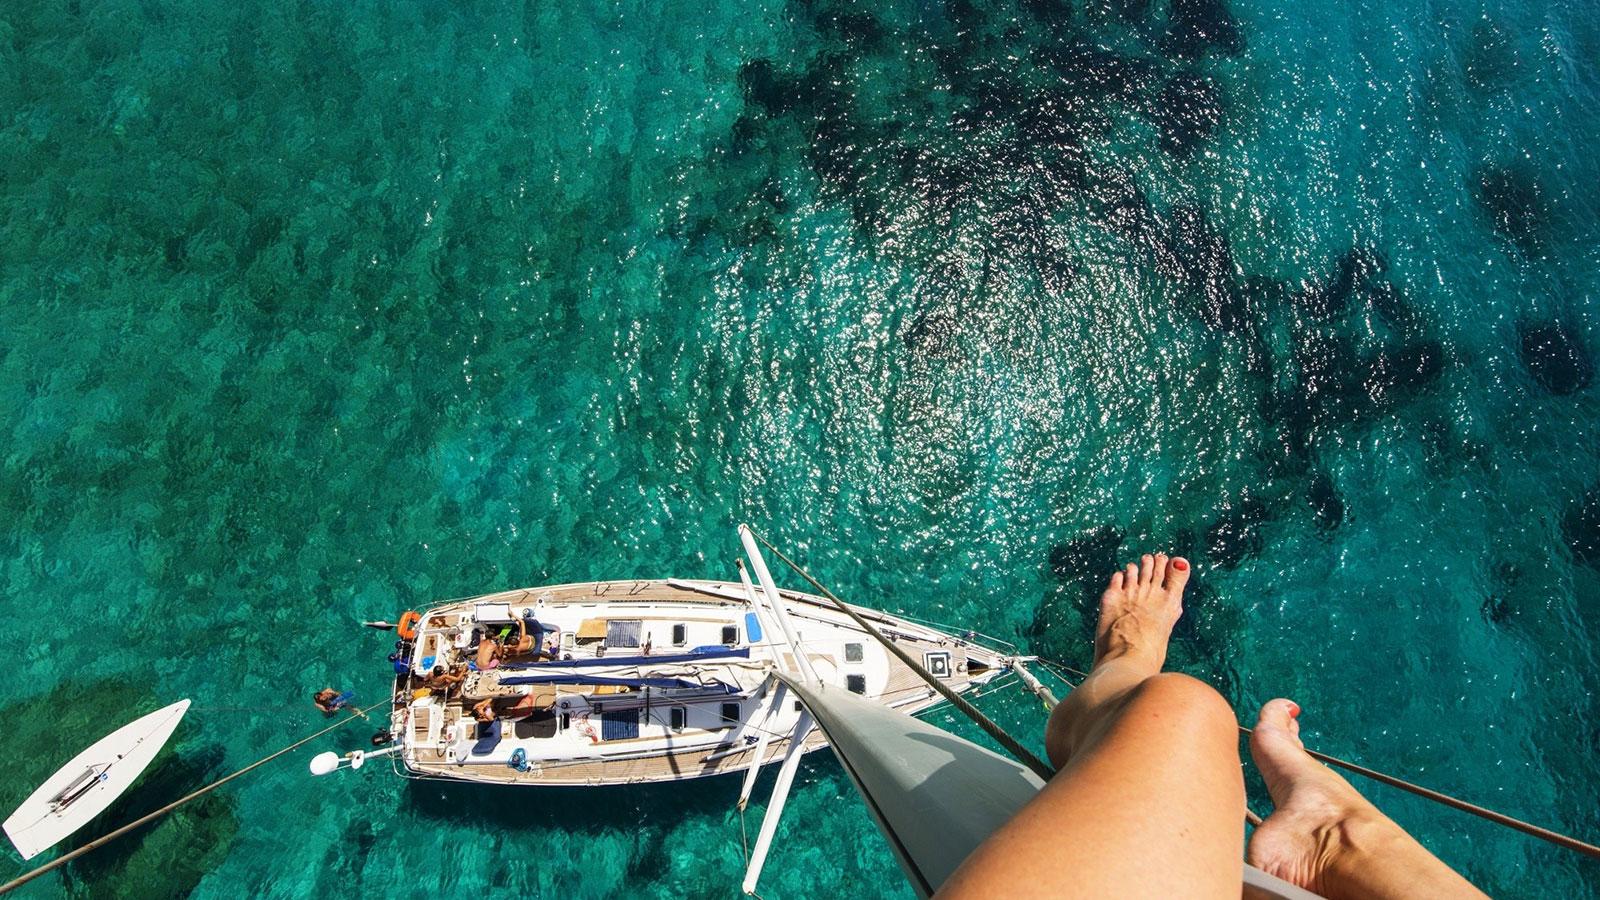 环游世界,帆船航海,200个字,爱上航海,自由和勇气 200个字,让你爱上航海 wallhaven-52510-b.jpg